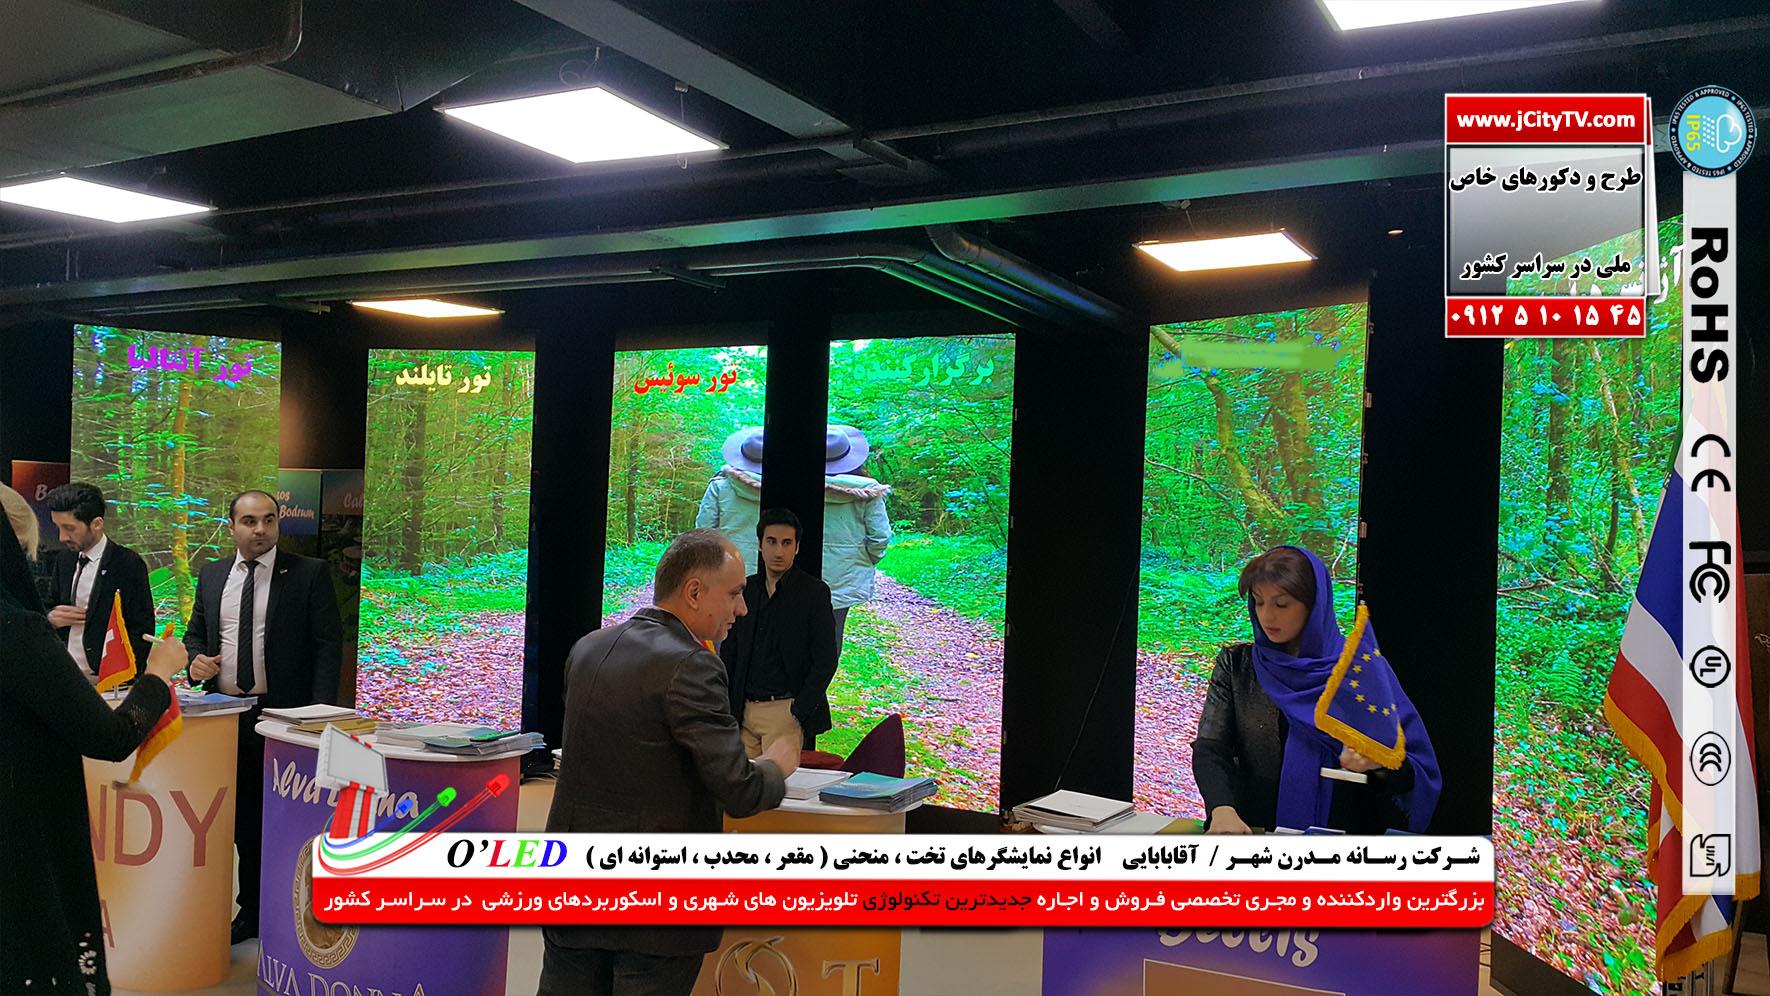 تلویزیون شهری با تصاویر متحرک در غرفه نمایشگاهی جایگزین لایت باکس و بنر ثابت